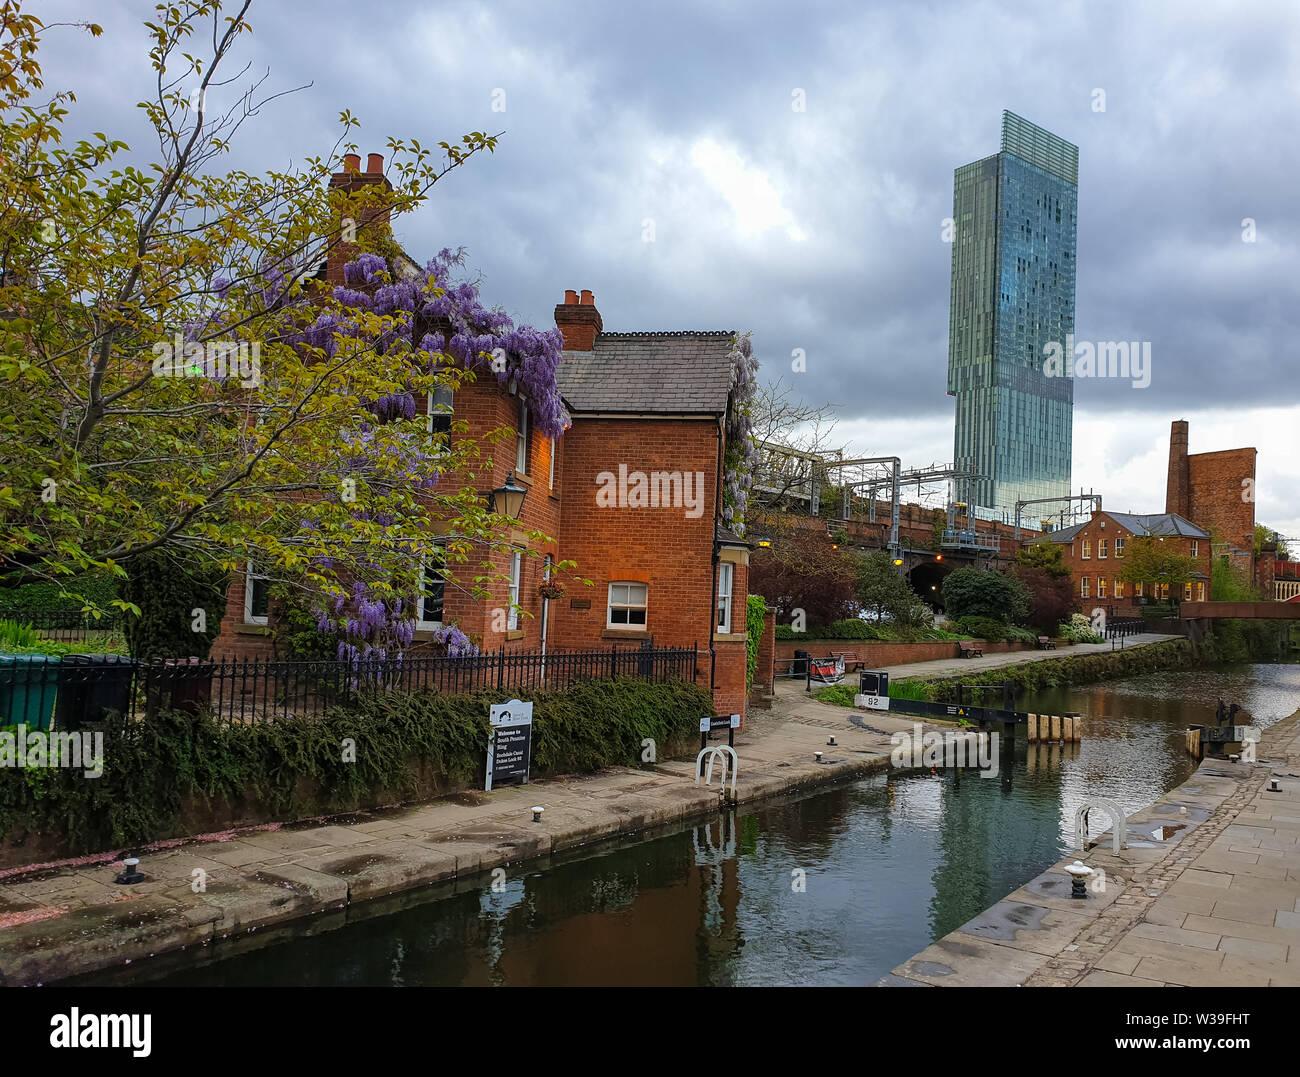 Manchester, Reino Unido - 25 de abril de 2019: Escena atmosférica del sistema canal Victoriano restaurado en el área de Manchester Castlefield Foto de stock